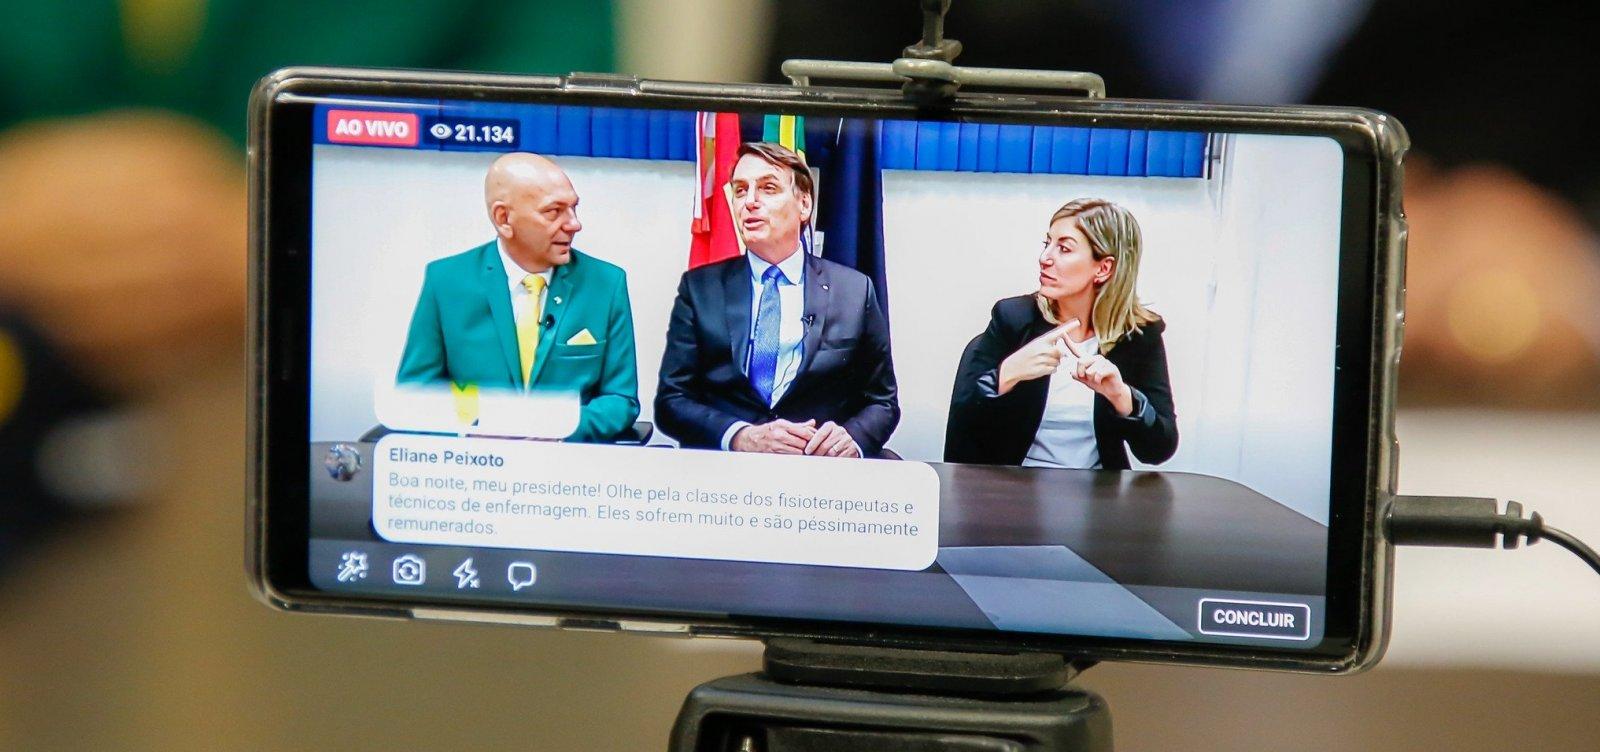 Bolsonaro é liderança política mais popular nas redes sociais, aponta índice